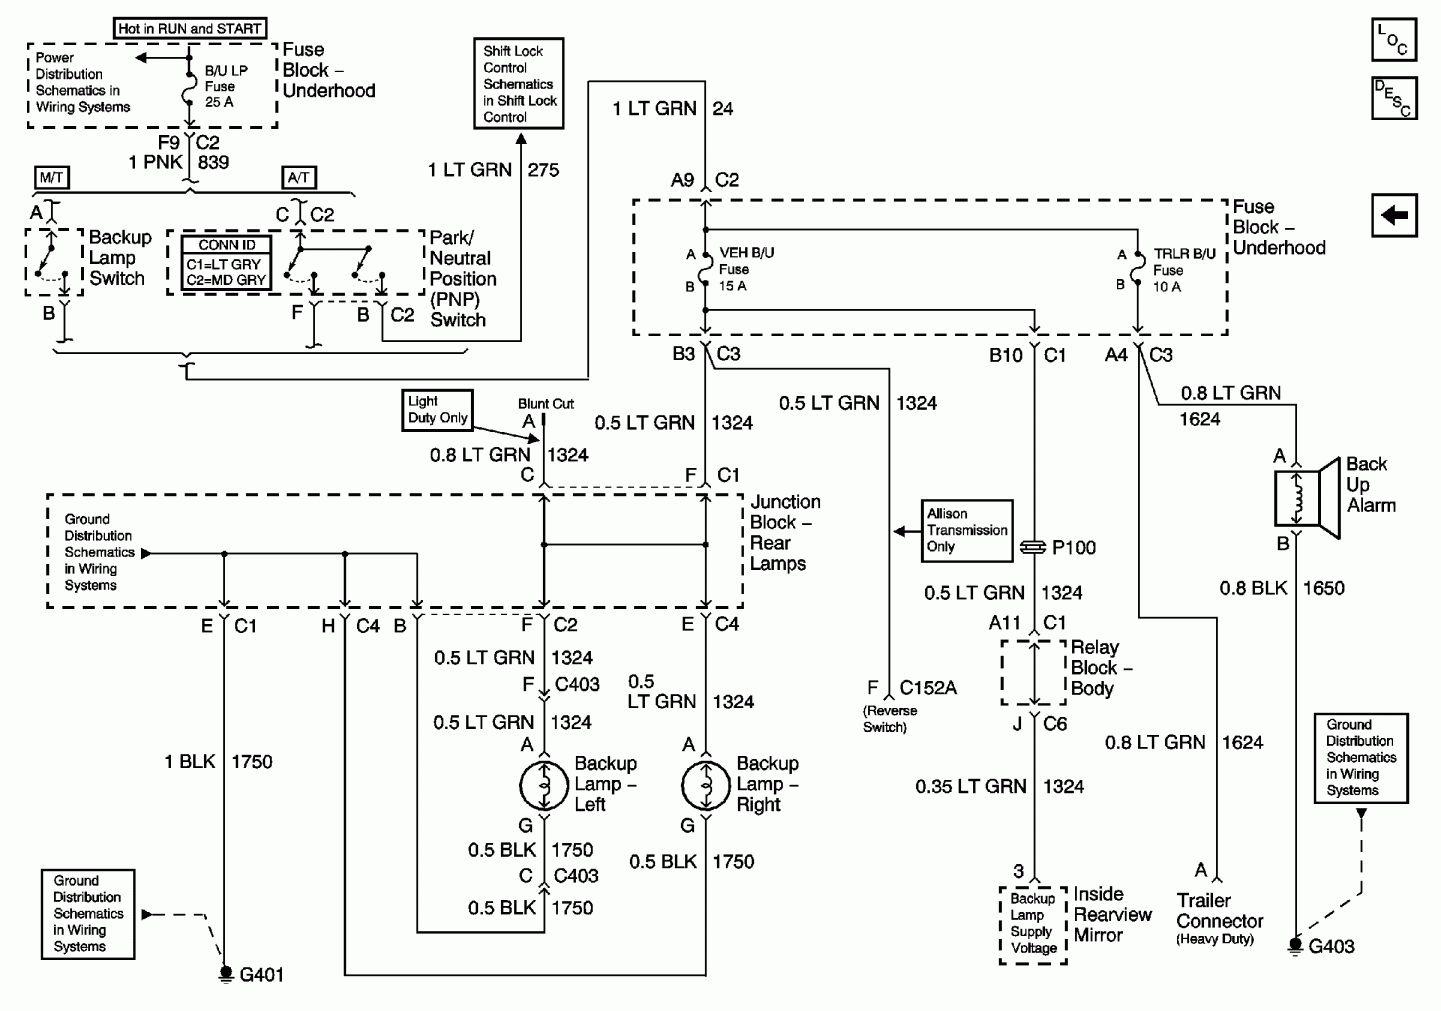 12 Chevy Duramax Truck Wiring Diagram Truck Diagram Wiringg Net Chevy Duramax Duramax Silverado Hd